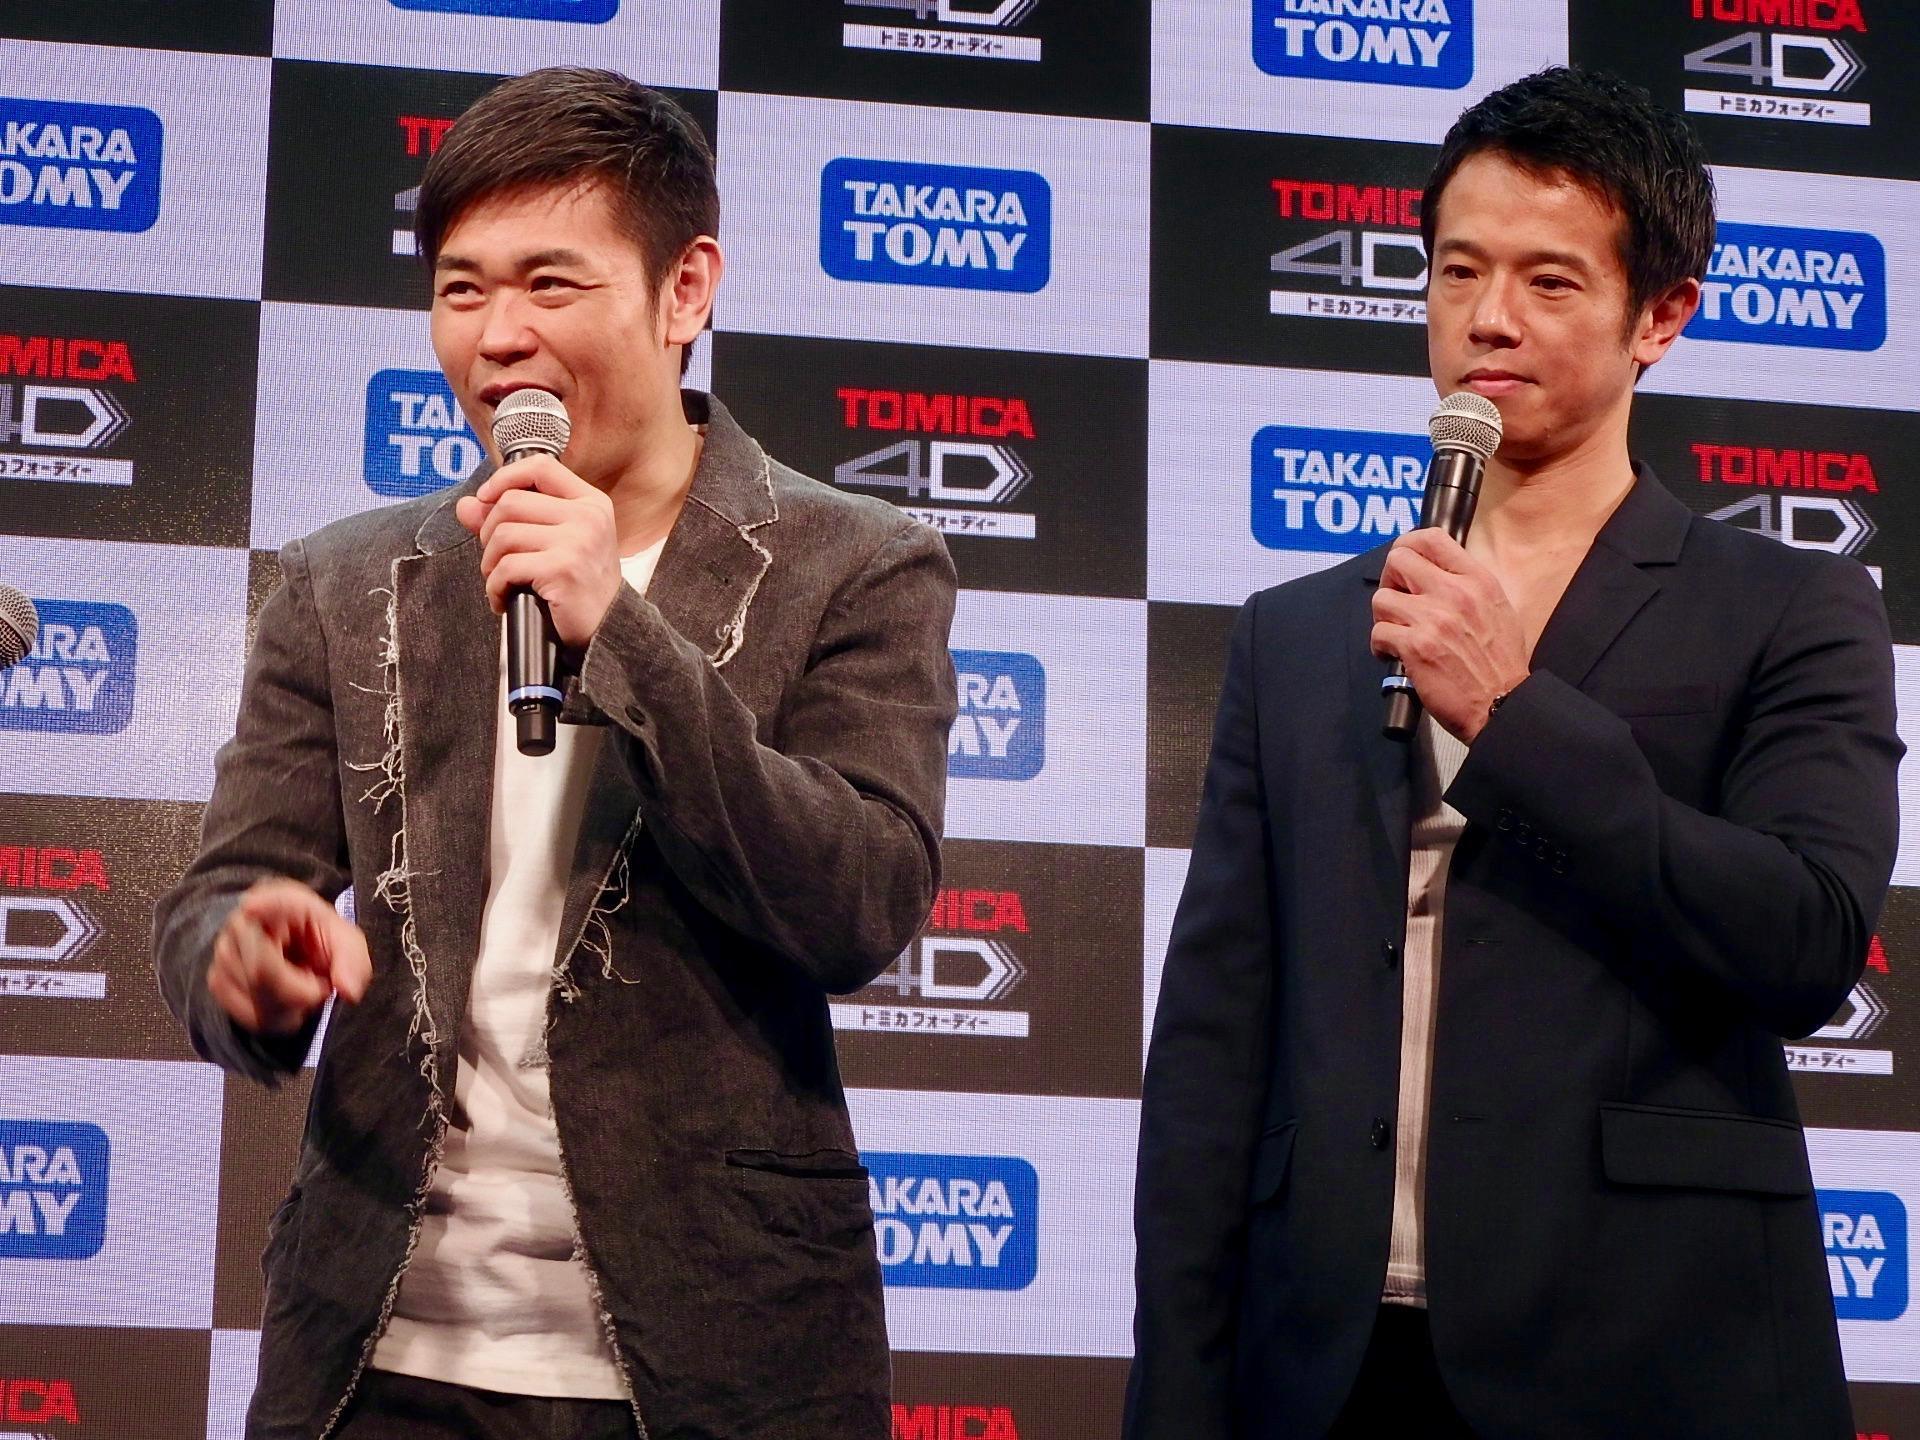 http://news.yoshimoto.co.jp/20180608081347-30da8be838ae75d03de4368a1ed804740bde9301.jpg